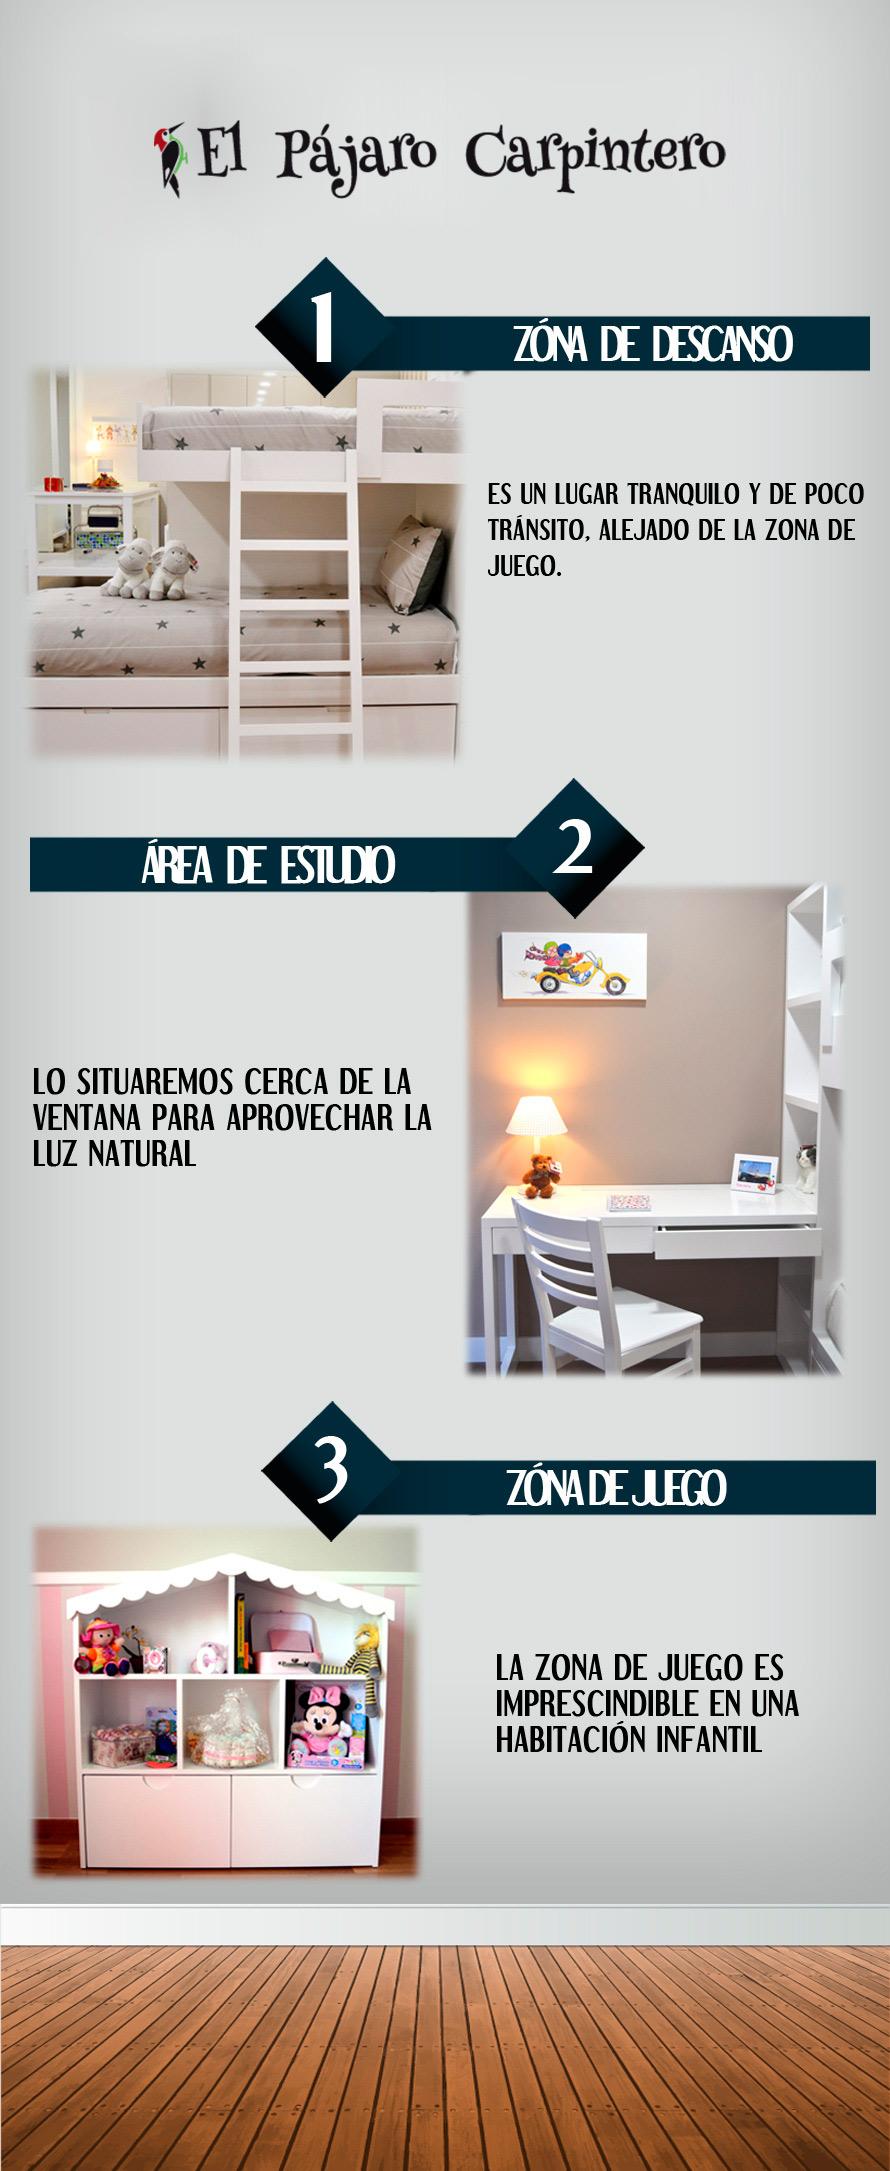 Infografia distribución habitación infantil